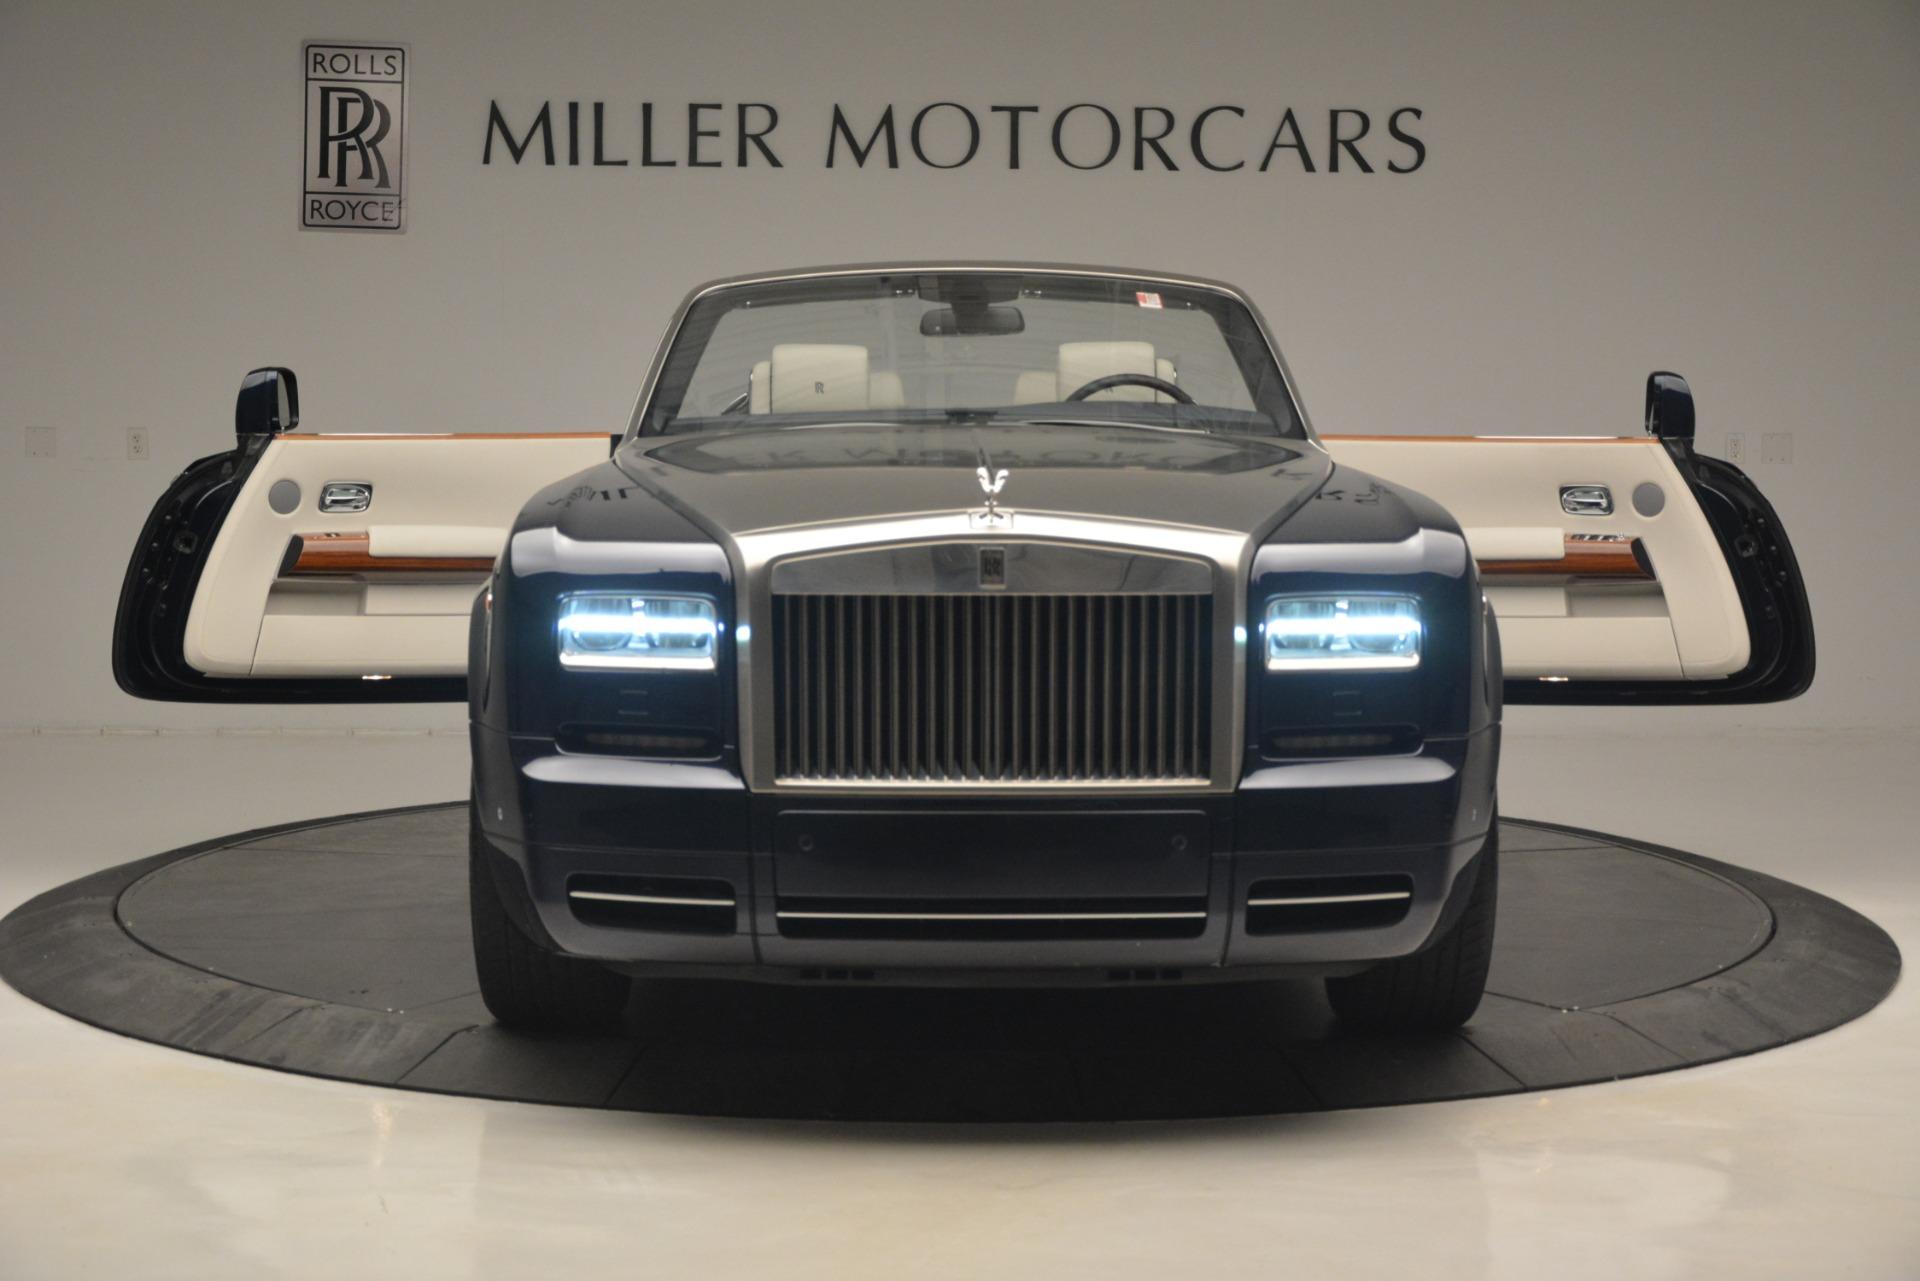 Used 2013 Rolls-Royce Phantom Drophead Coupe  For Sale In Westport, CT 2999_p29